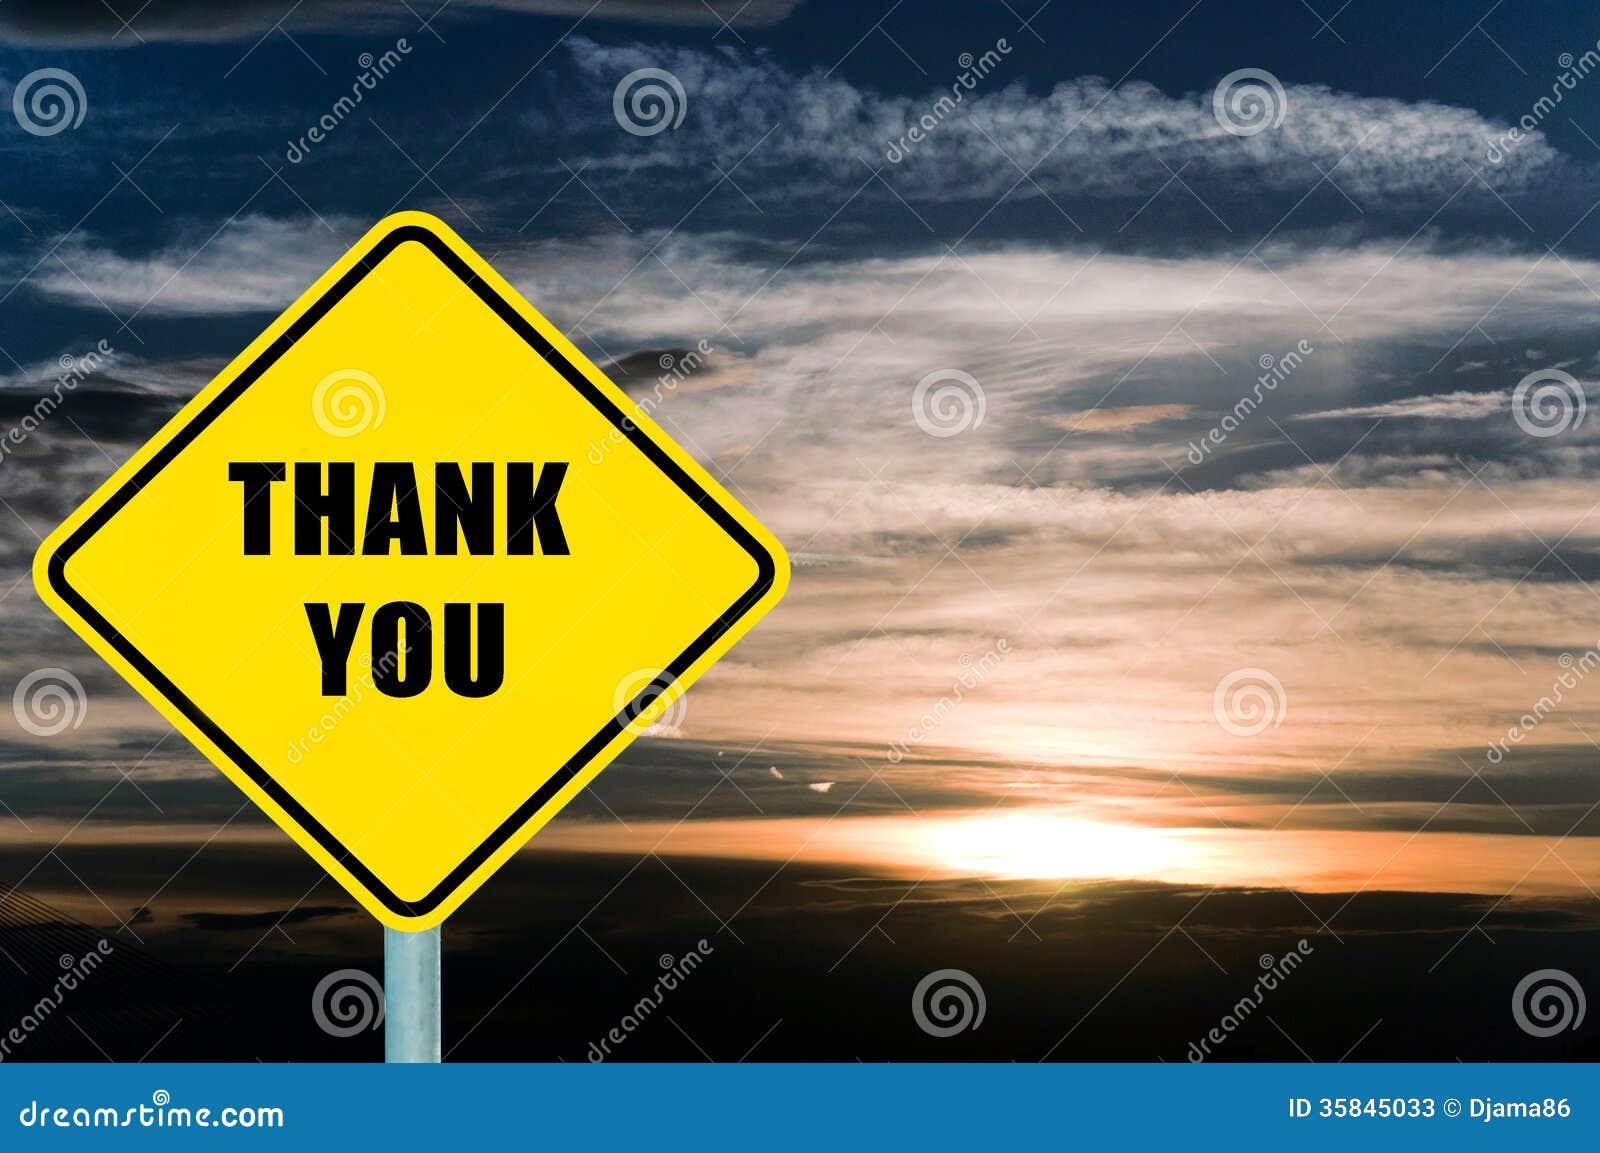 谢谢与云彩和天空的黄色路标在背景中.图片